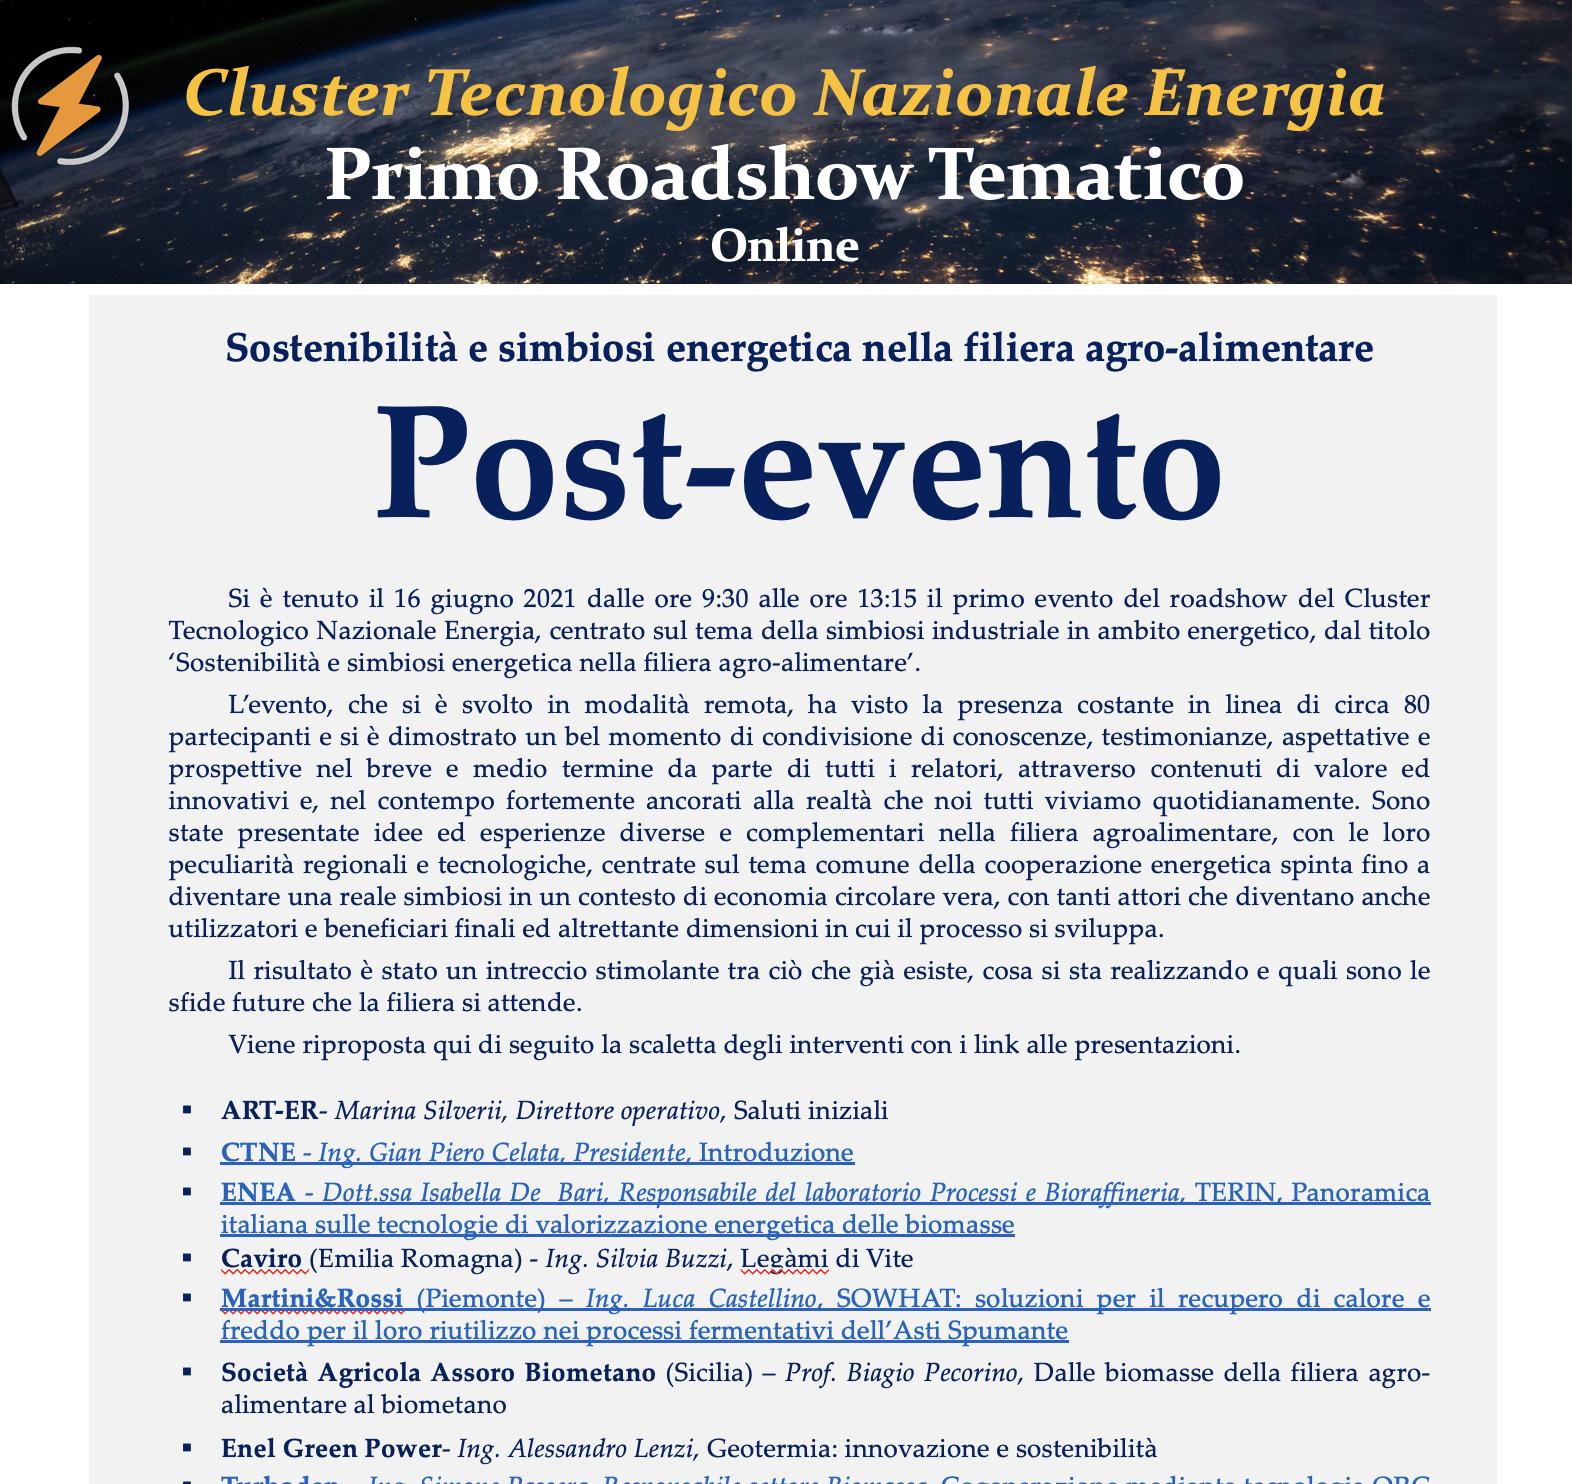 Follow-up evento Sostenibilità e simbiosi energetica nella filiera agroalimentare del 16 giugno 2021